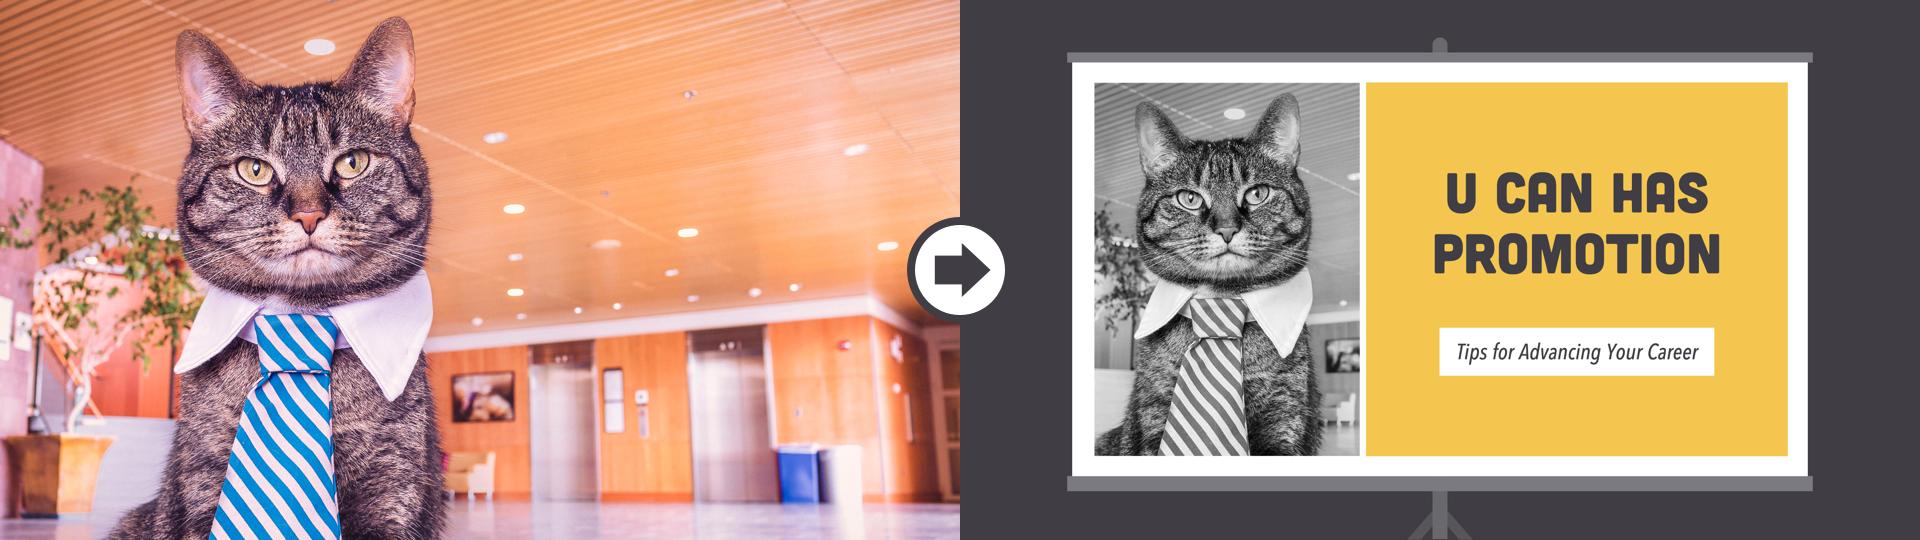 images_edit_bosscat.